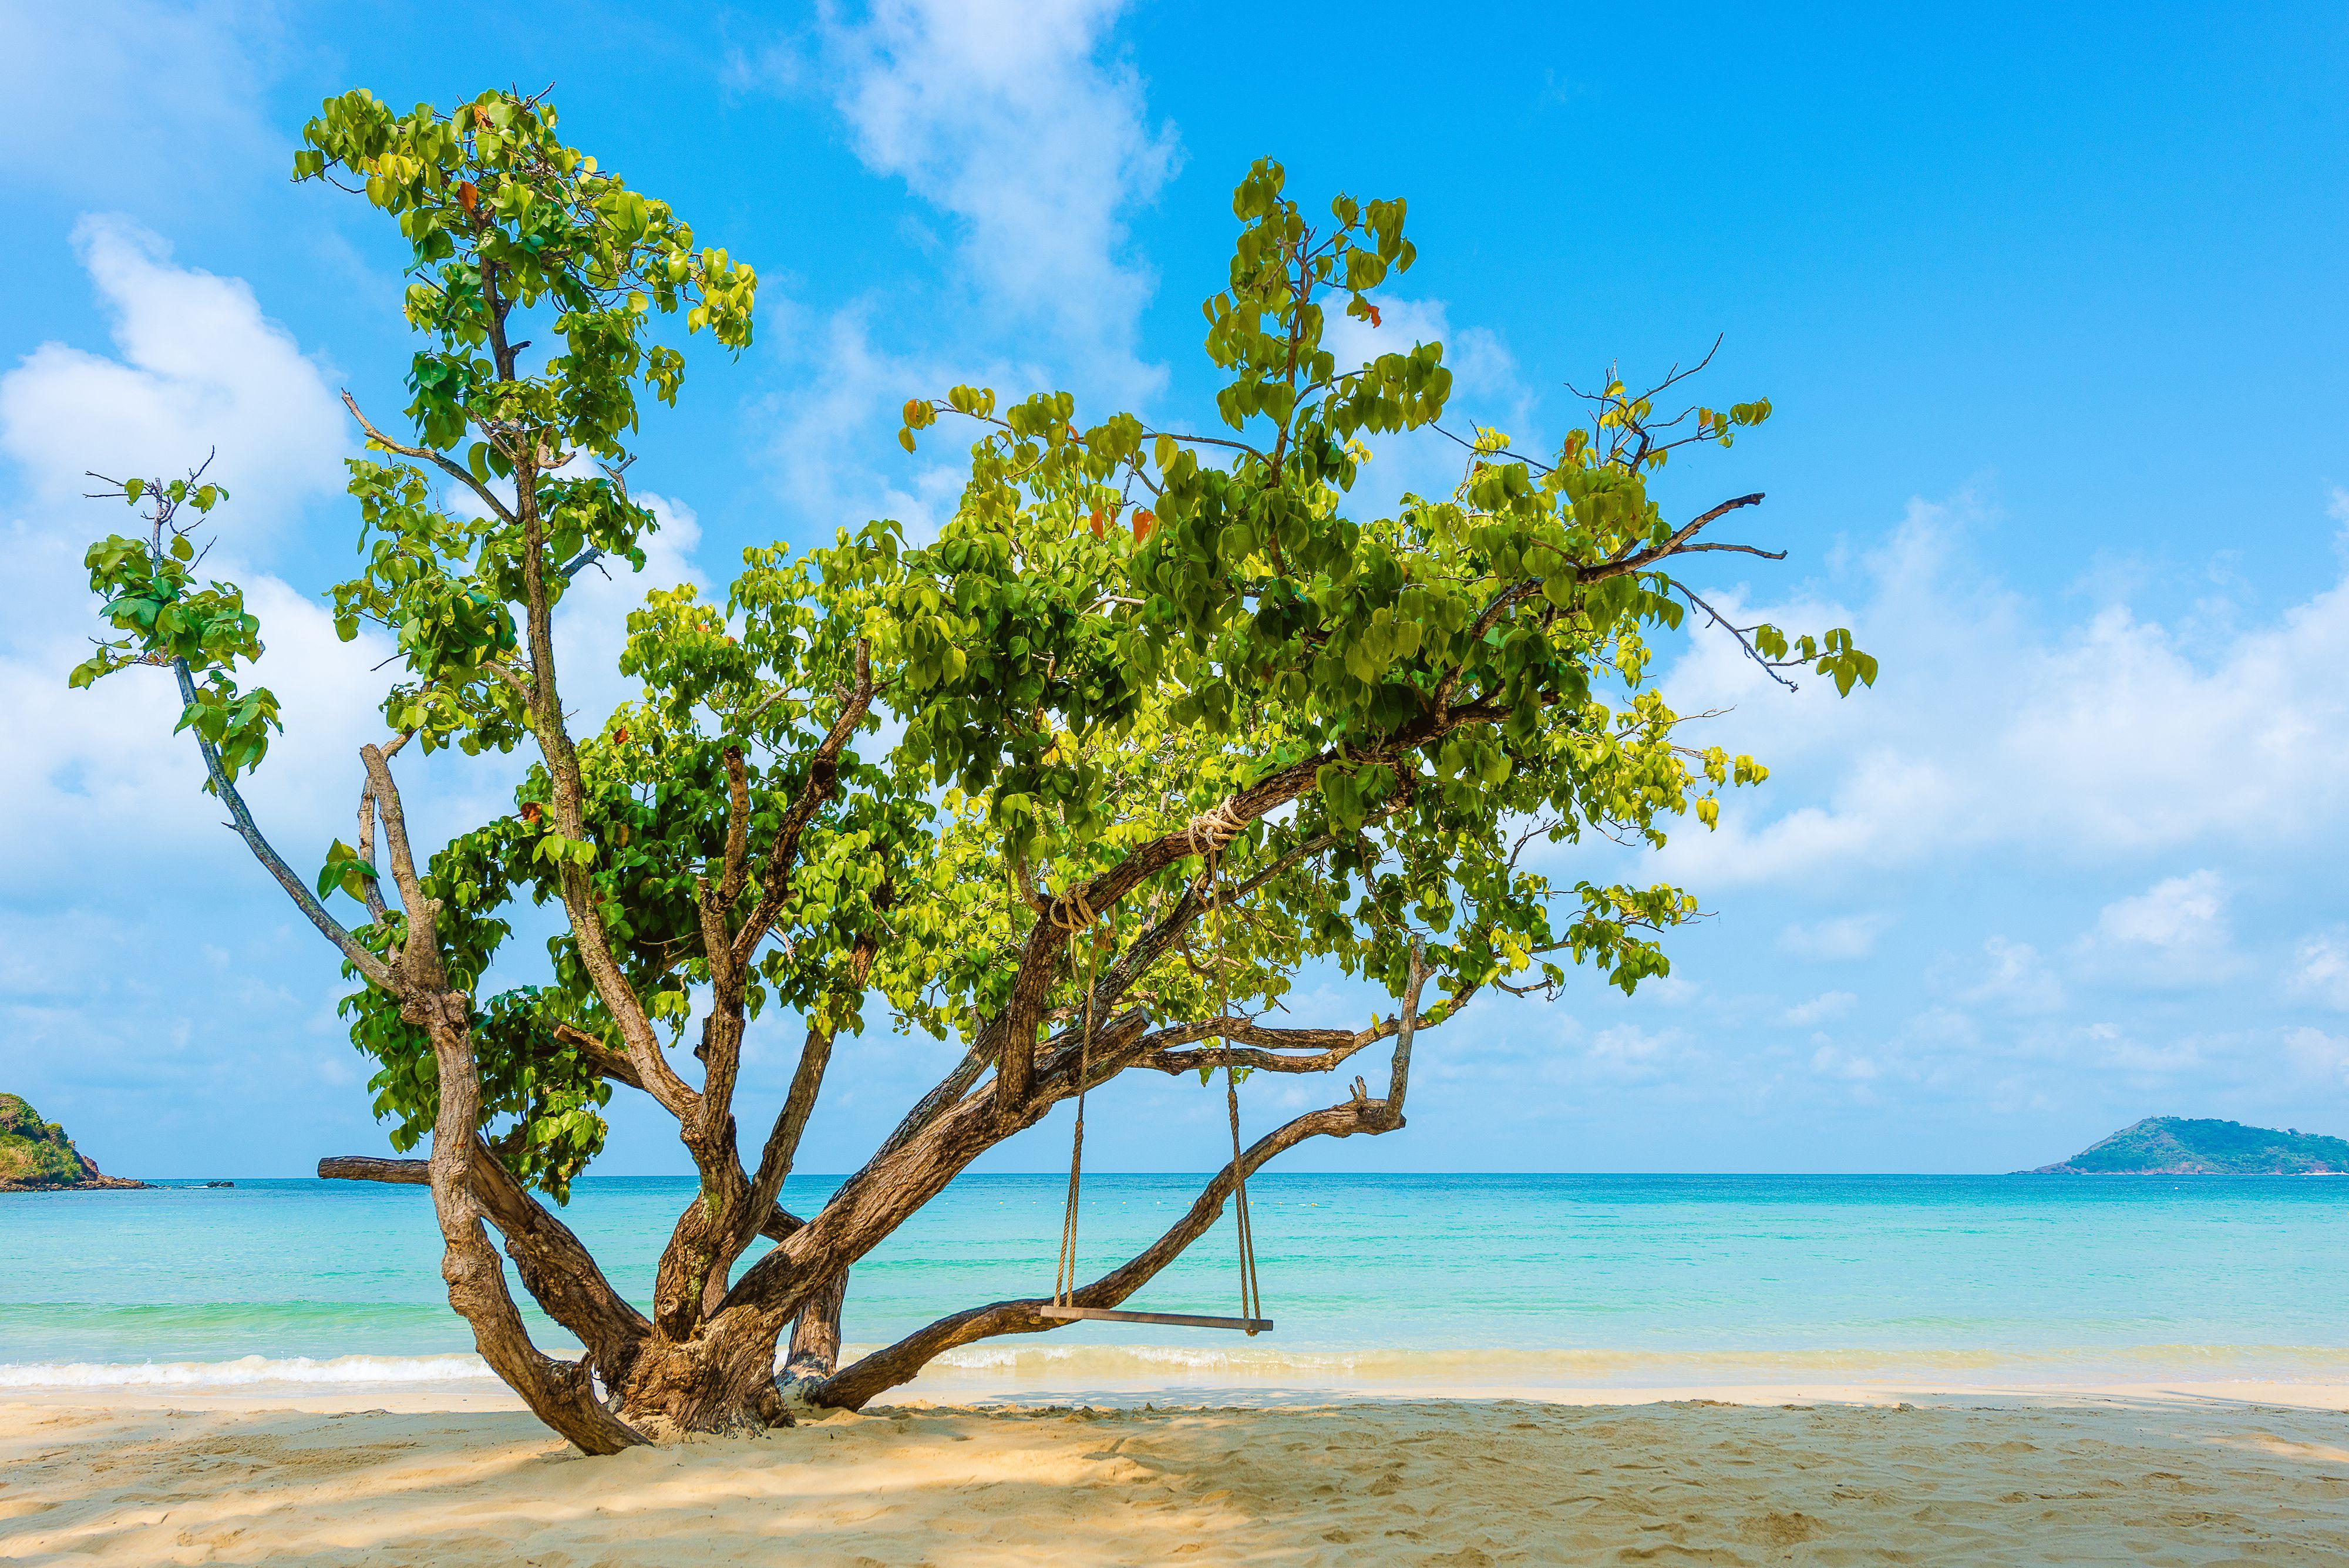 Tree on a beach on Koh Samet, Thailand